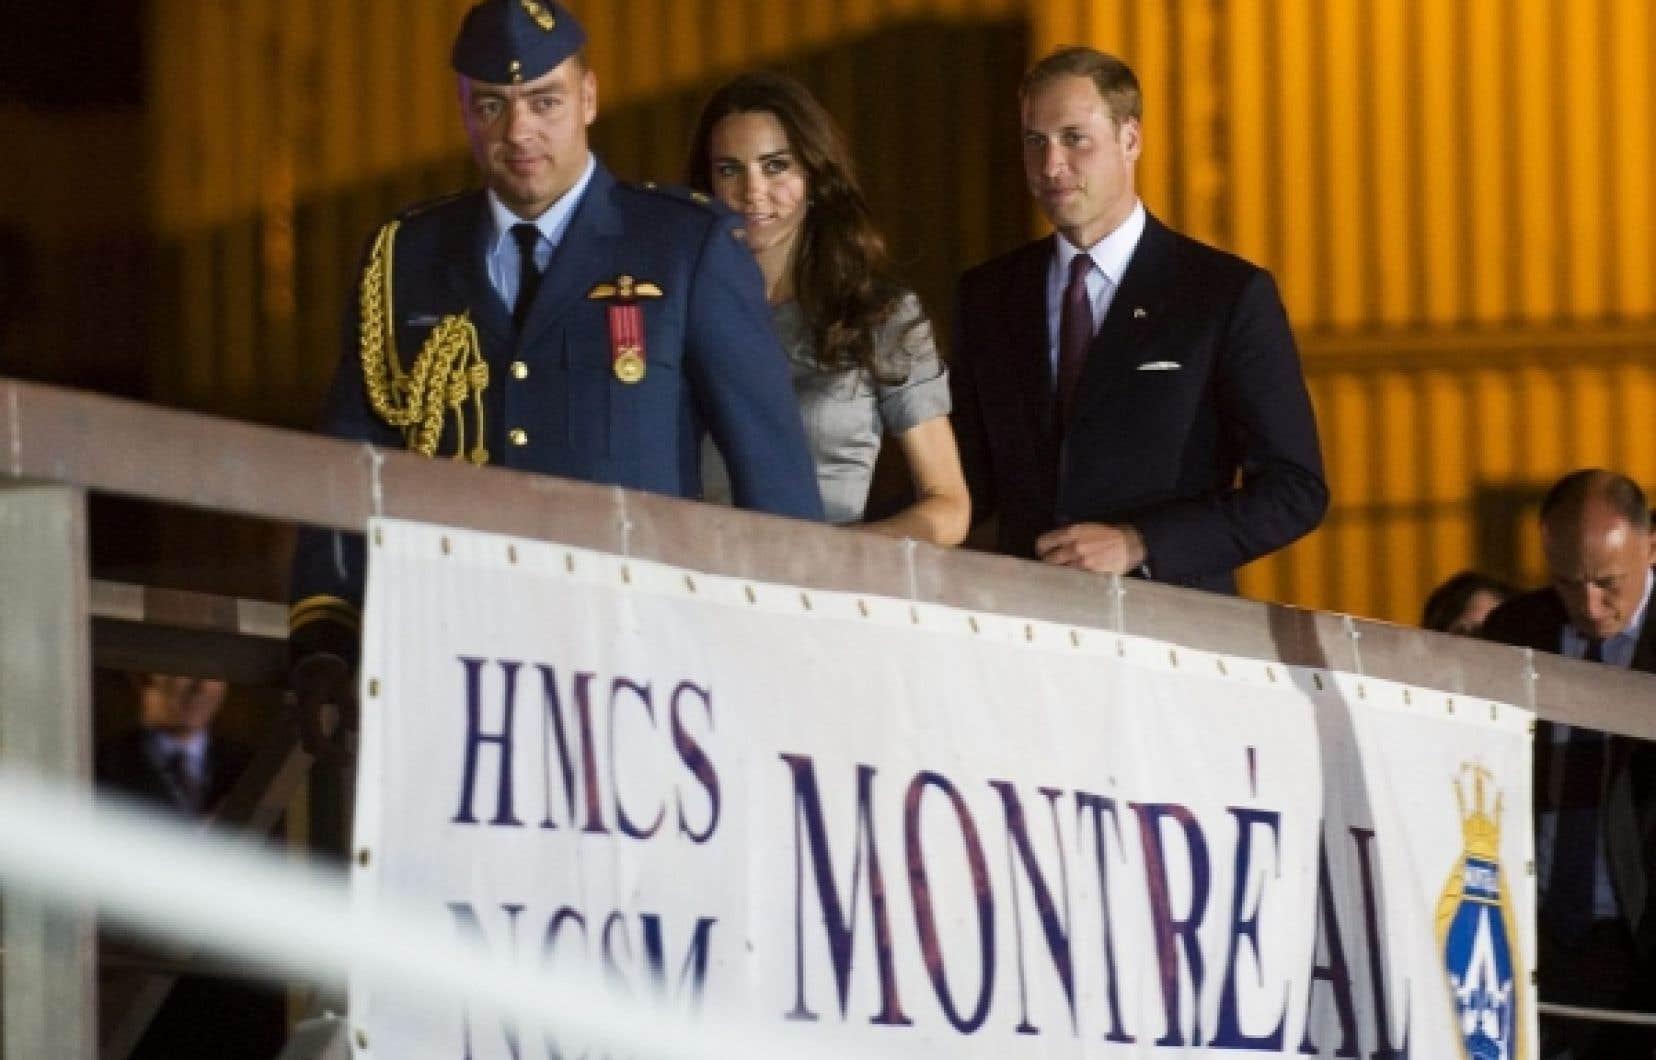 Après avoir participé à deux événements en vase clos dans la métropole, William et Kate ont pris en soirée la direction de Québec en bateau. Ils passeront la nuitée sur le Saint-Laurent à bord du HMCS Montréal.